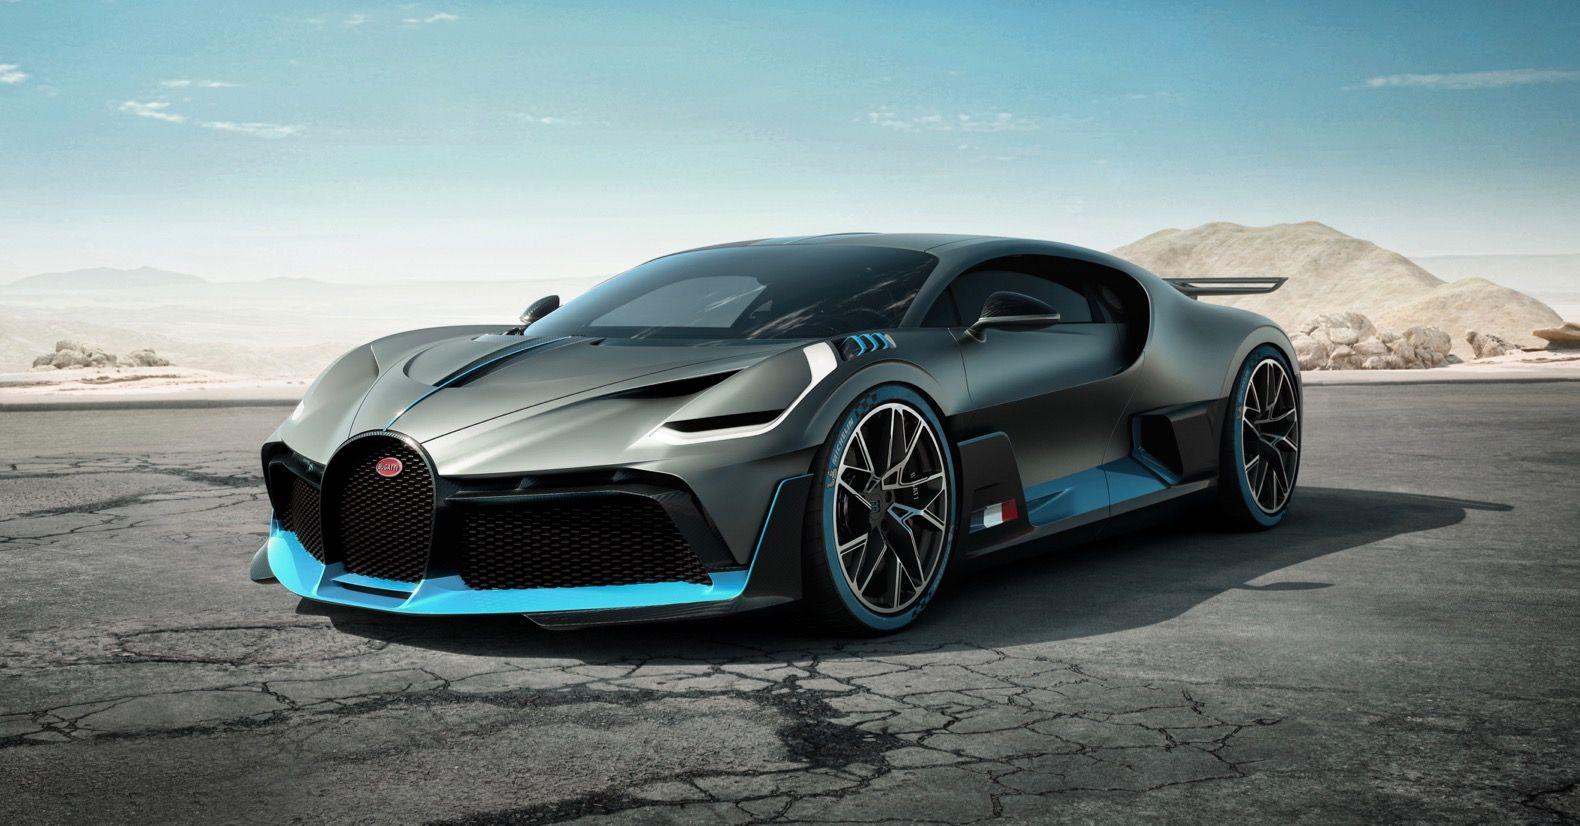 Bugatti Divo Bugatti cars, Best luxury sports car, Super